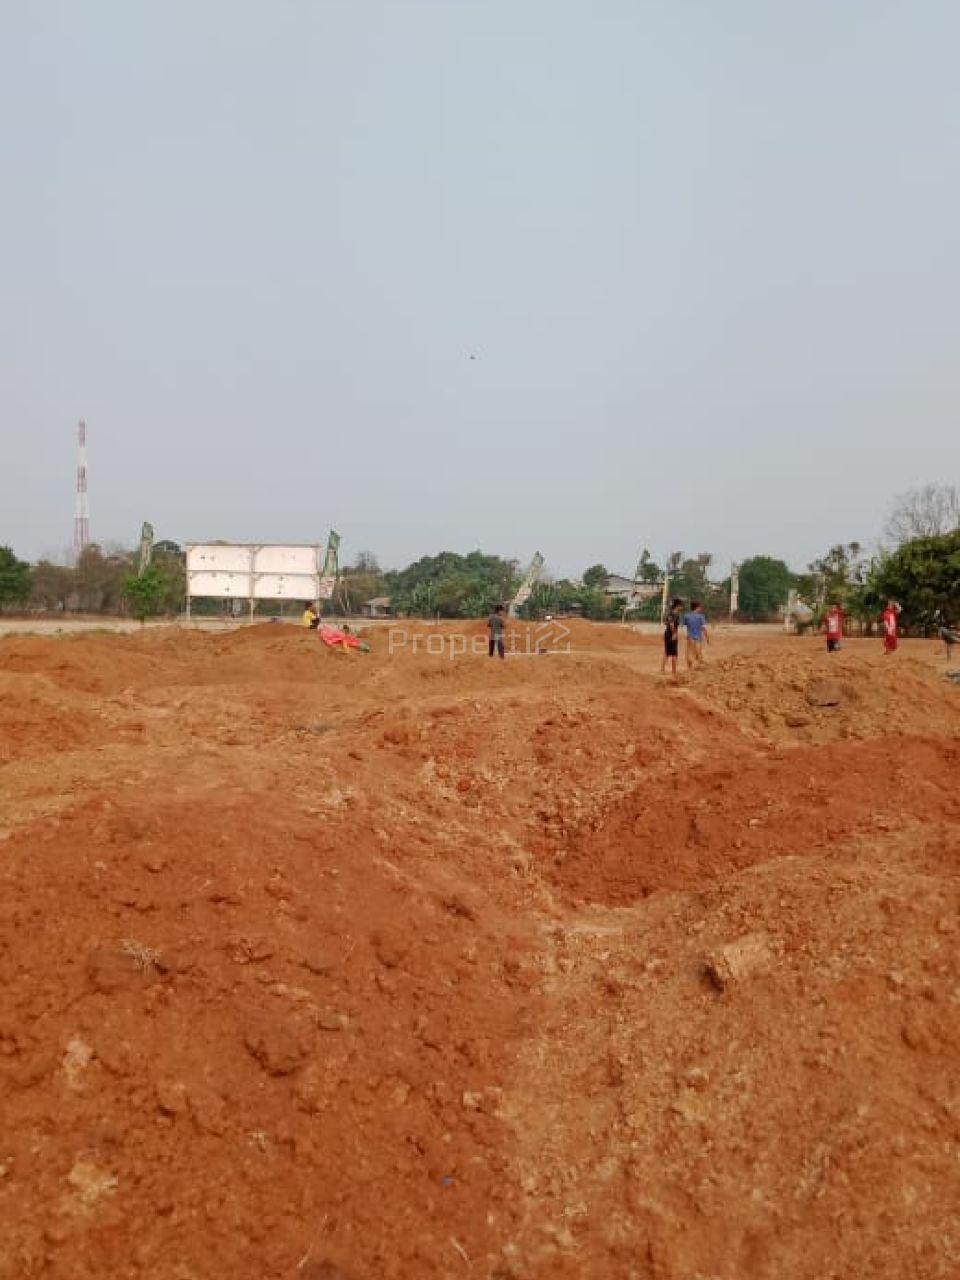 Tanah 1,1 Ha Peruntukan Perumahan di Rajeg, Tangerang, Banten